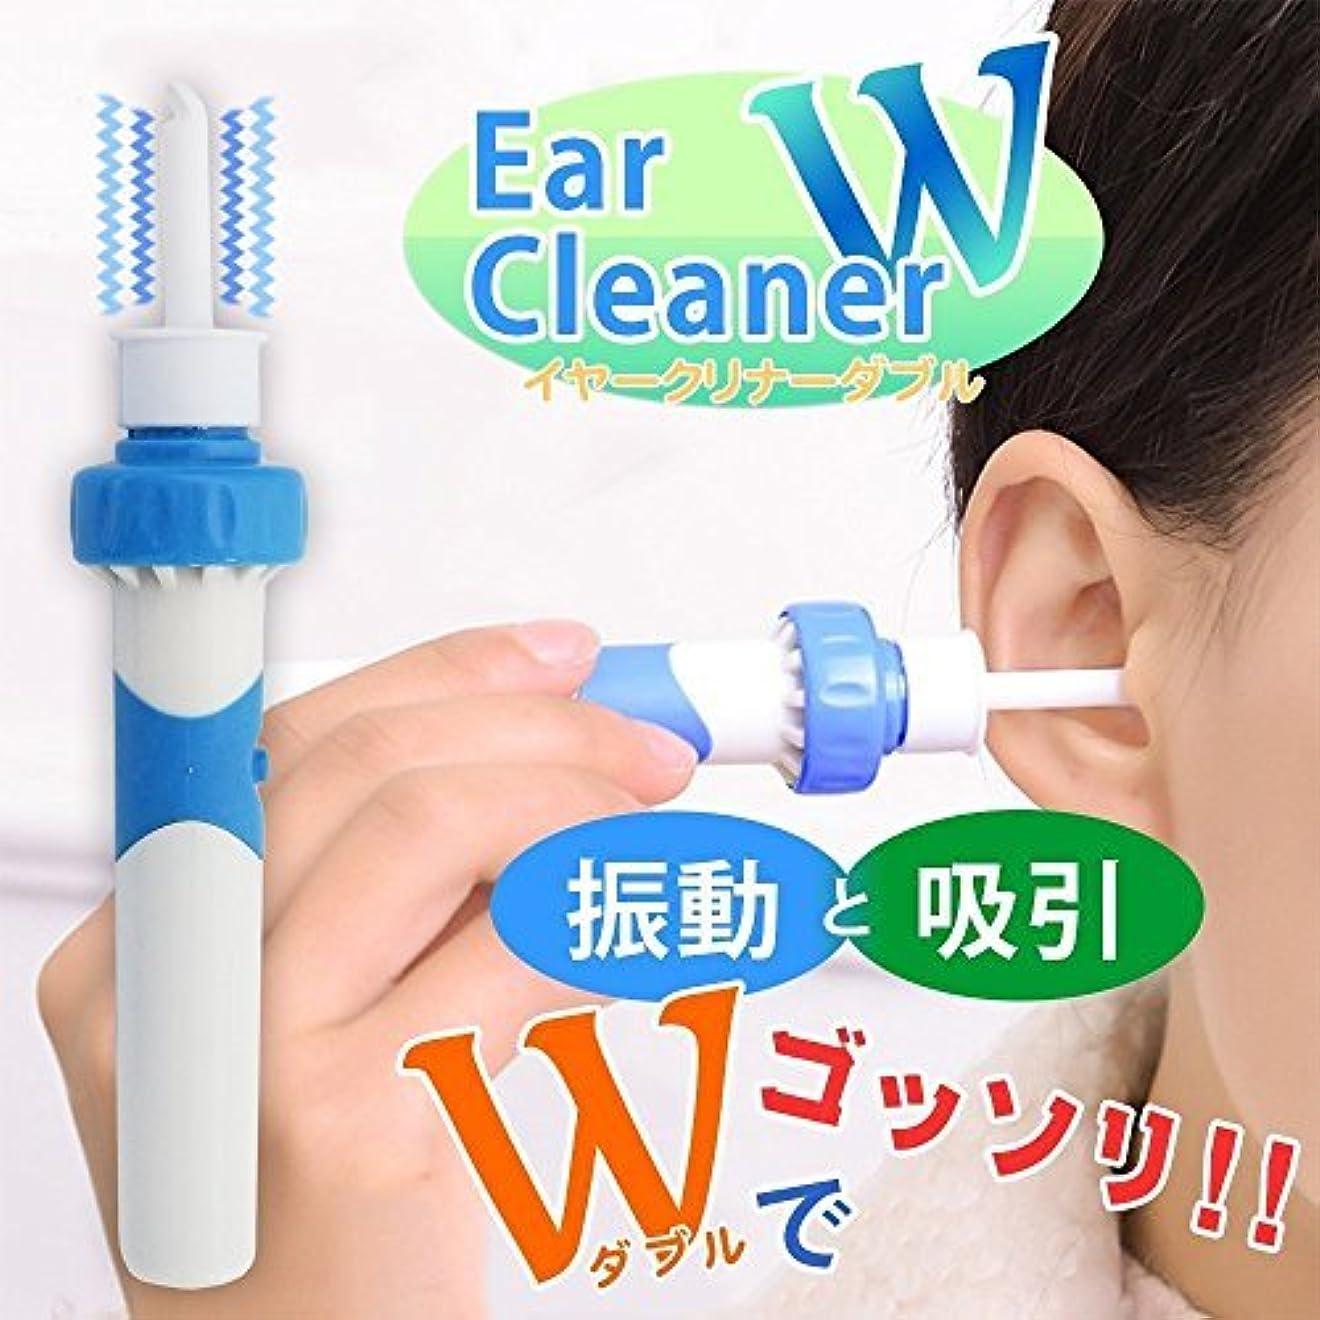 お酢真実に力強いCHUI FEN 耳掃除機 電動耳掃除 耳クリーナー 耳掃除 みみそうじ 耳垢 吸引 耳あか吸引